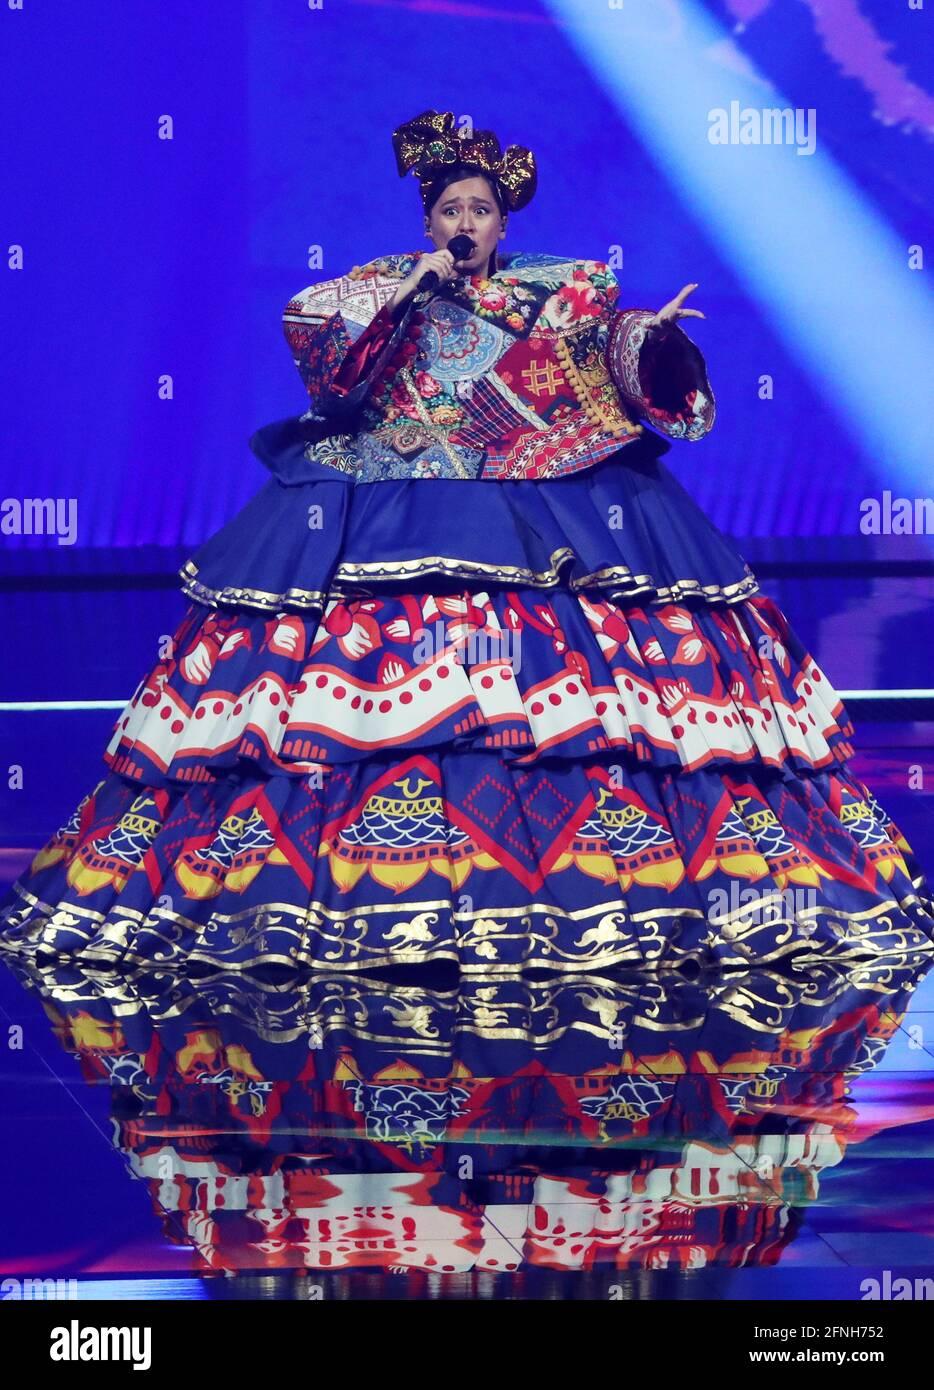 Rotterdam, Niederlande. Mai 2021. Die russische Sängerin Manizha tritt bei der Generalprobe für das erste Halbfinale des Eurovision Song Contest 2021 in der Ahoy Arena in Rotterdam auf. Quelle: Vyacheslav Prokofyev/TASS/Alamy Live News Stockfoto